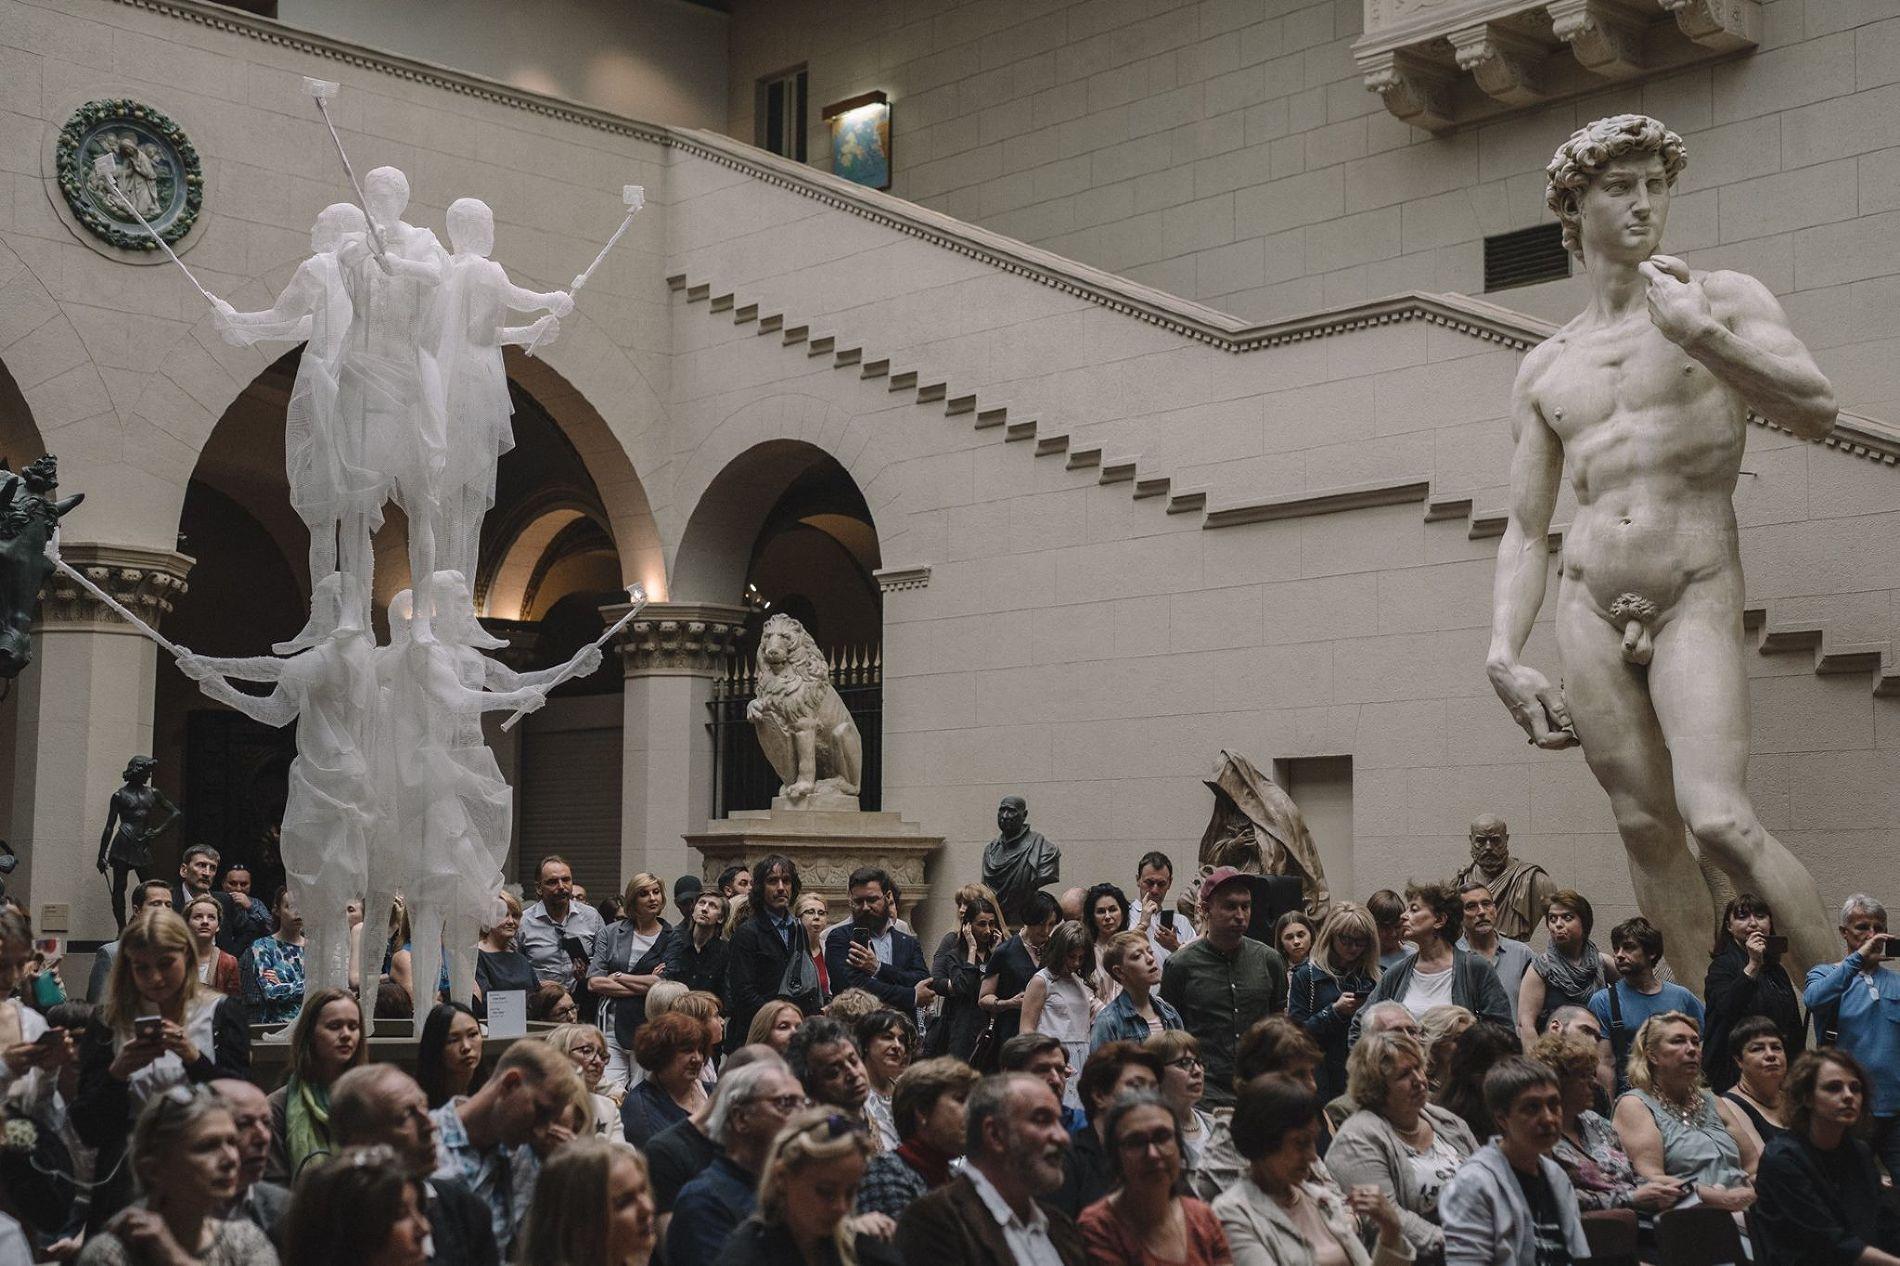 Открытие выставки арт-группы Recycle в Пушкинском музее в 2017 году